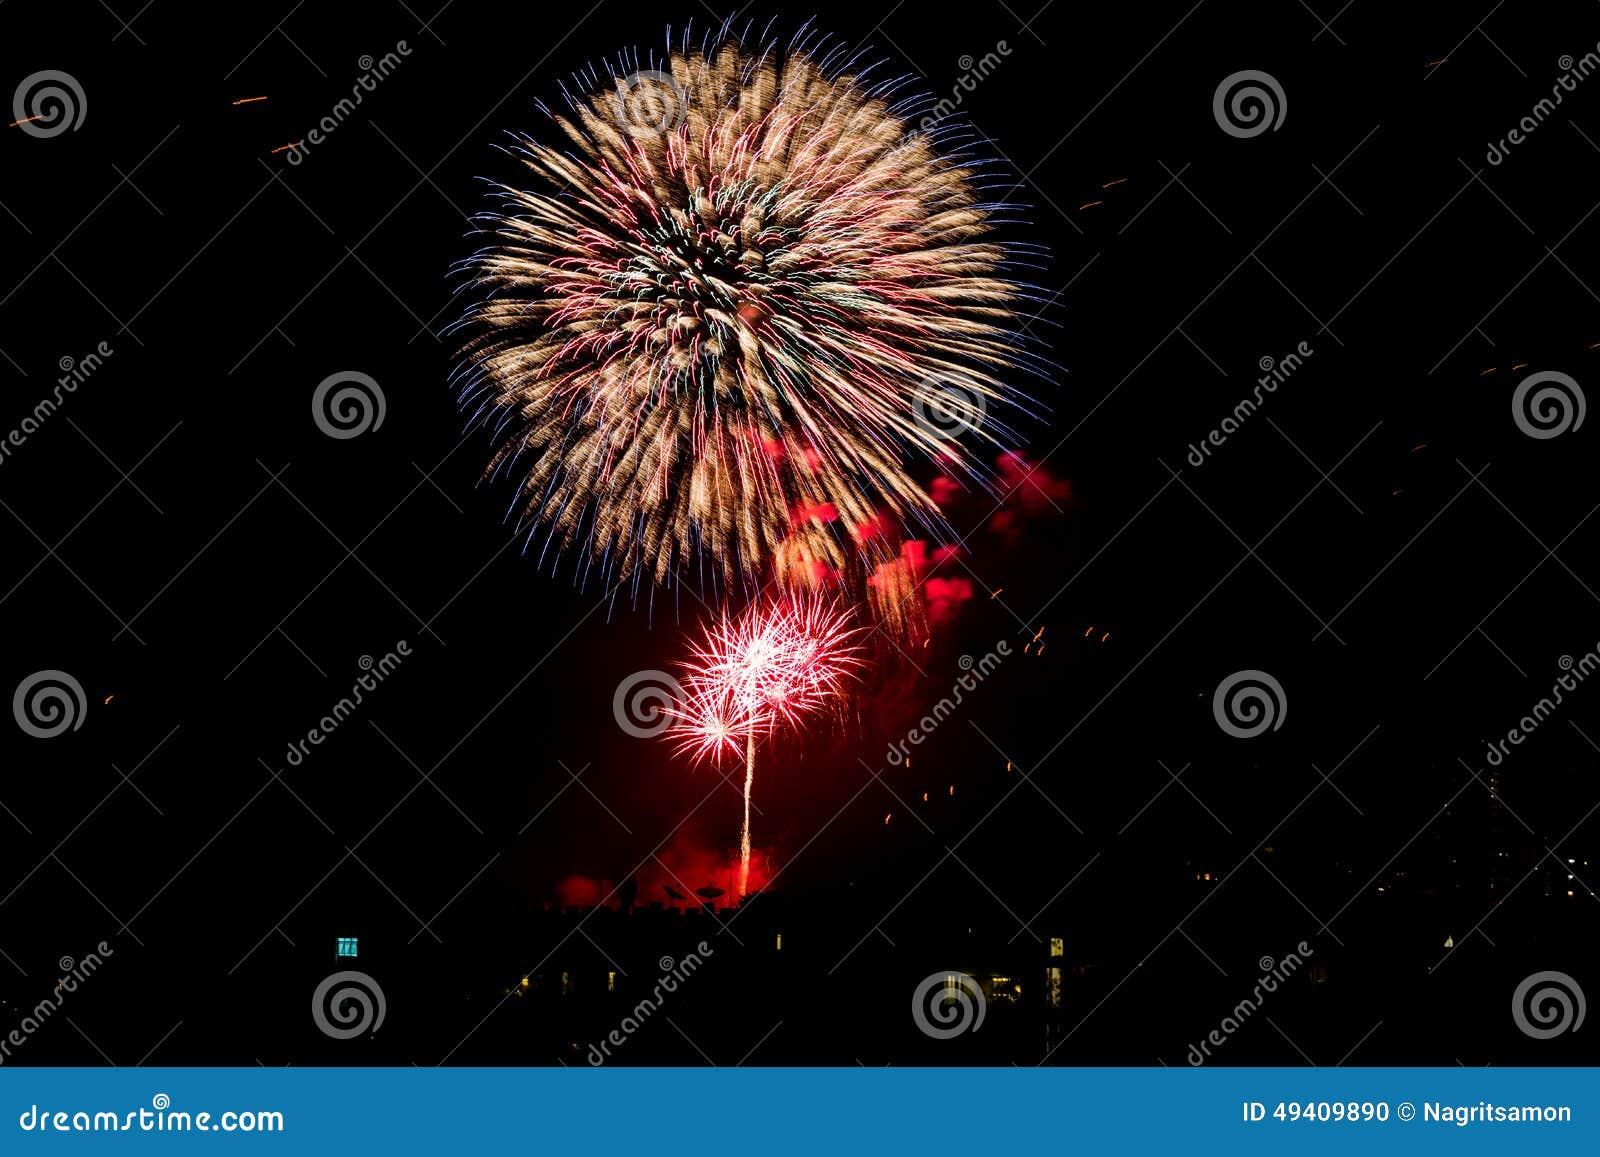 Download Feuerwerke Leuchten Dem Himmel Stockfoto - Bild von farbe, celebrate: 49409890